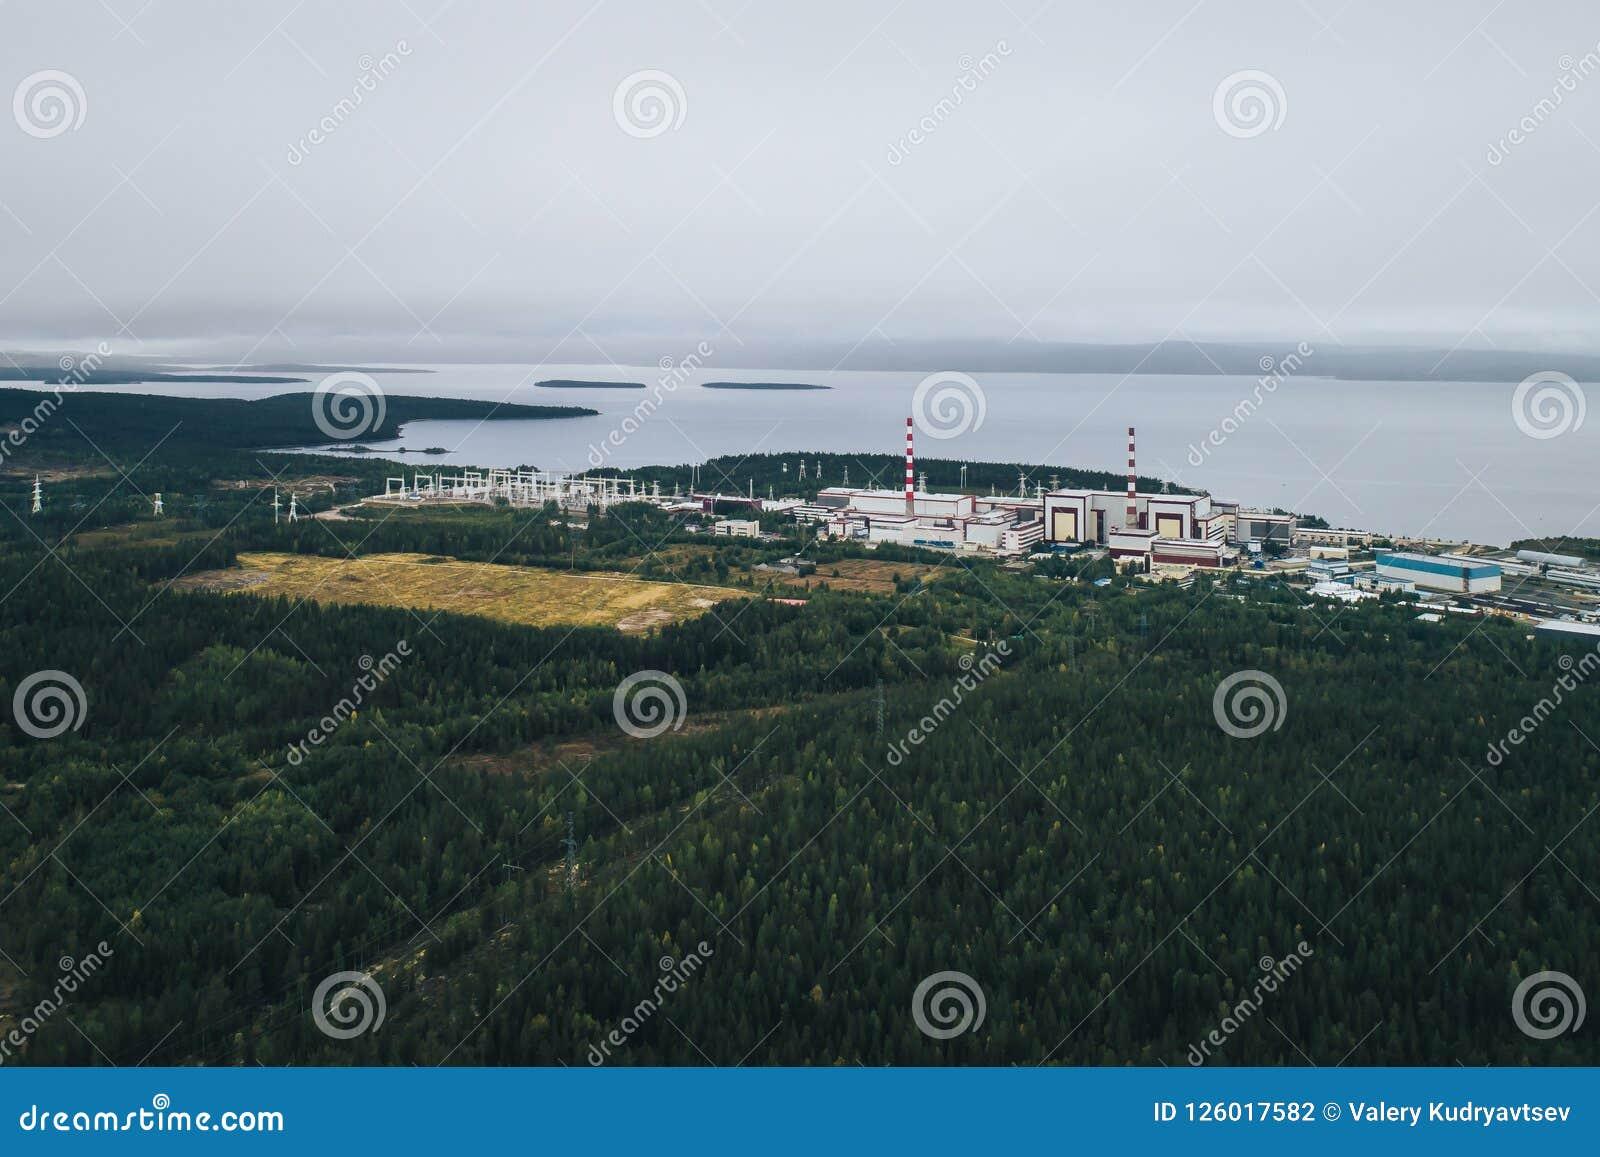 核电站装备一个原子反应堆